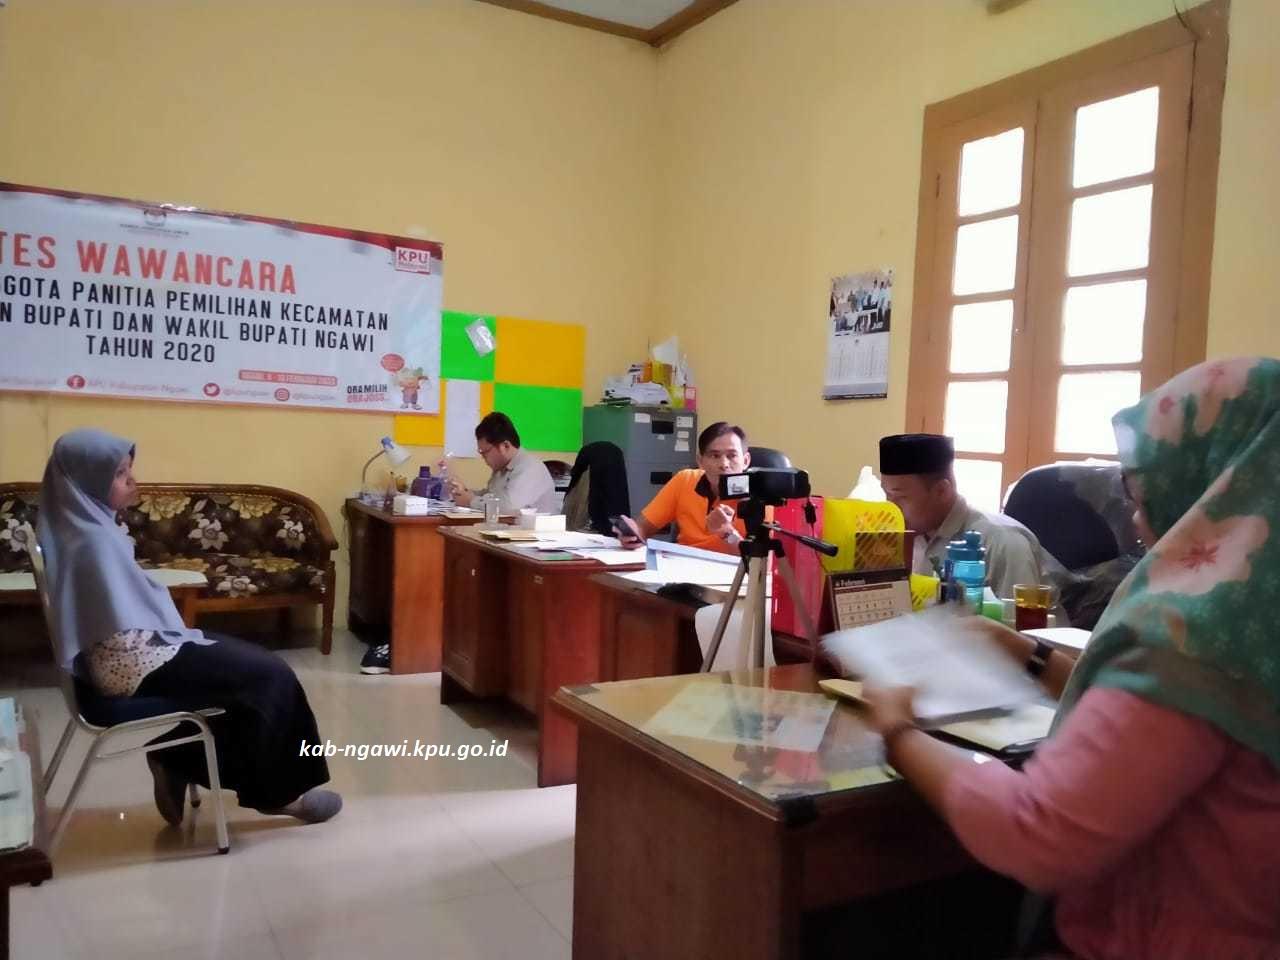 Wawancara Hari Pertama PPK, KPU Ngawi Jadwalkan Untuk 70 Peserta